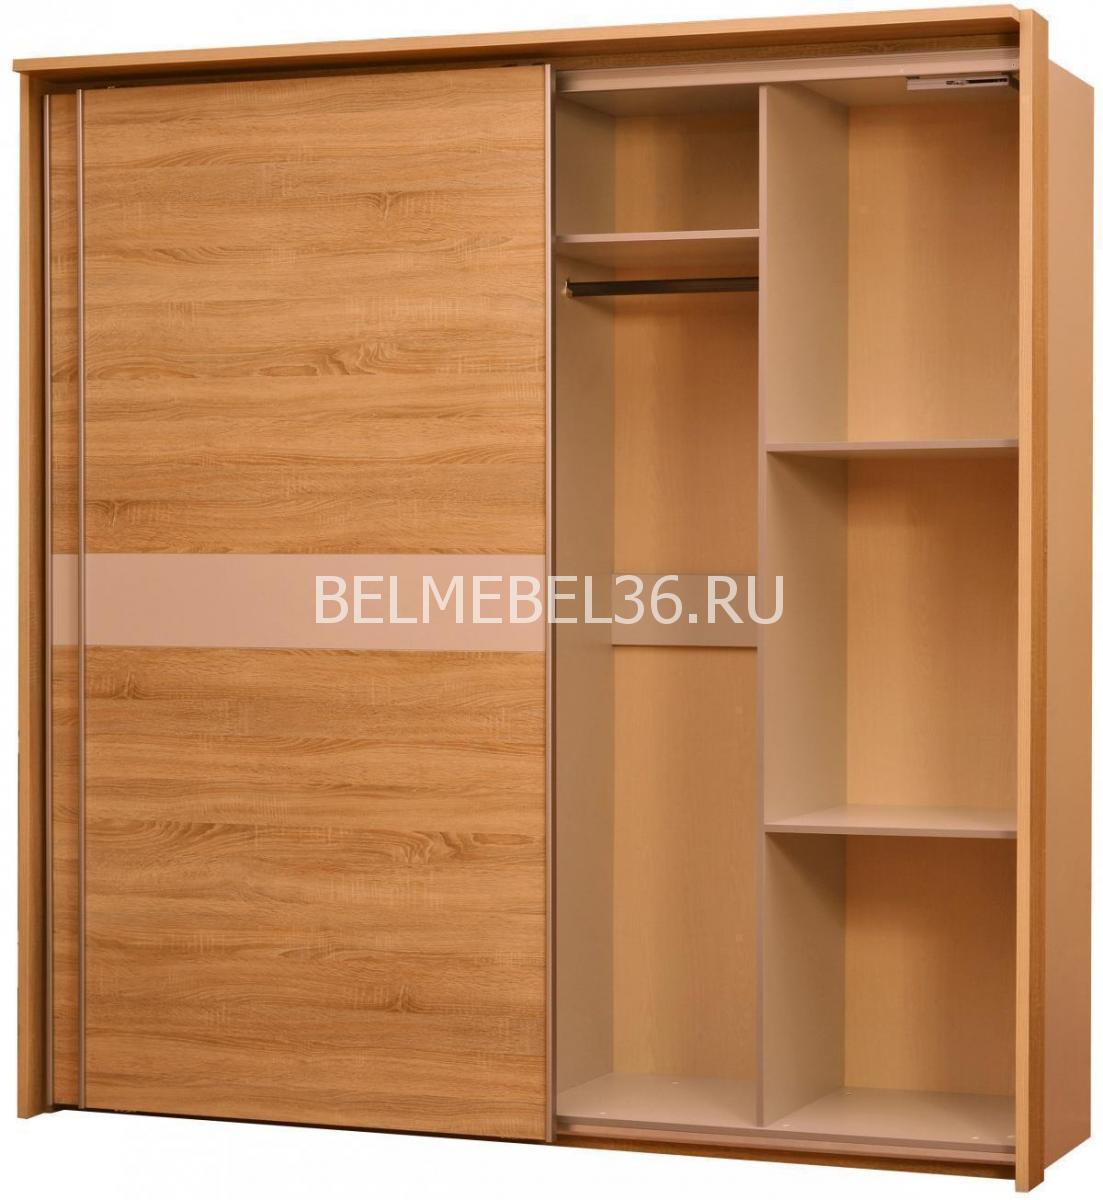 Шкаф-купе Комфорт П-400.01-3 | Белорусская мебель в Воронеже